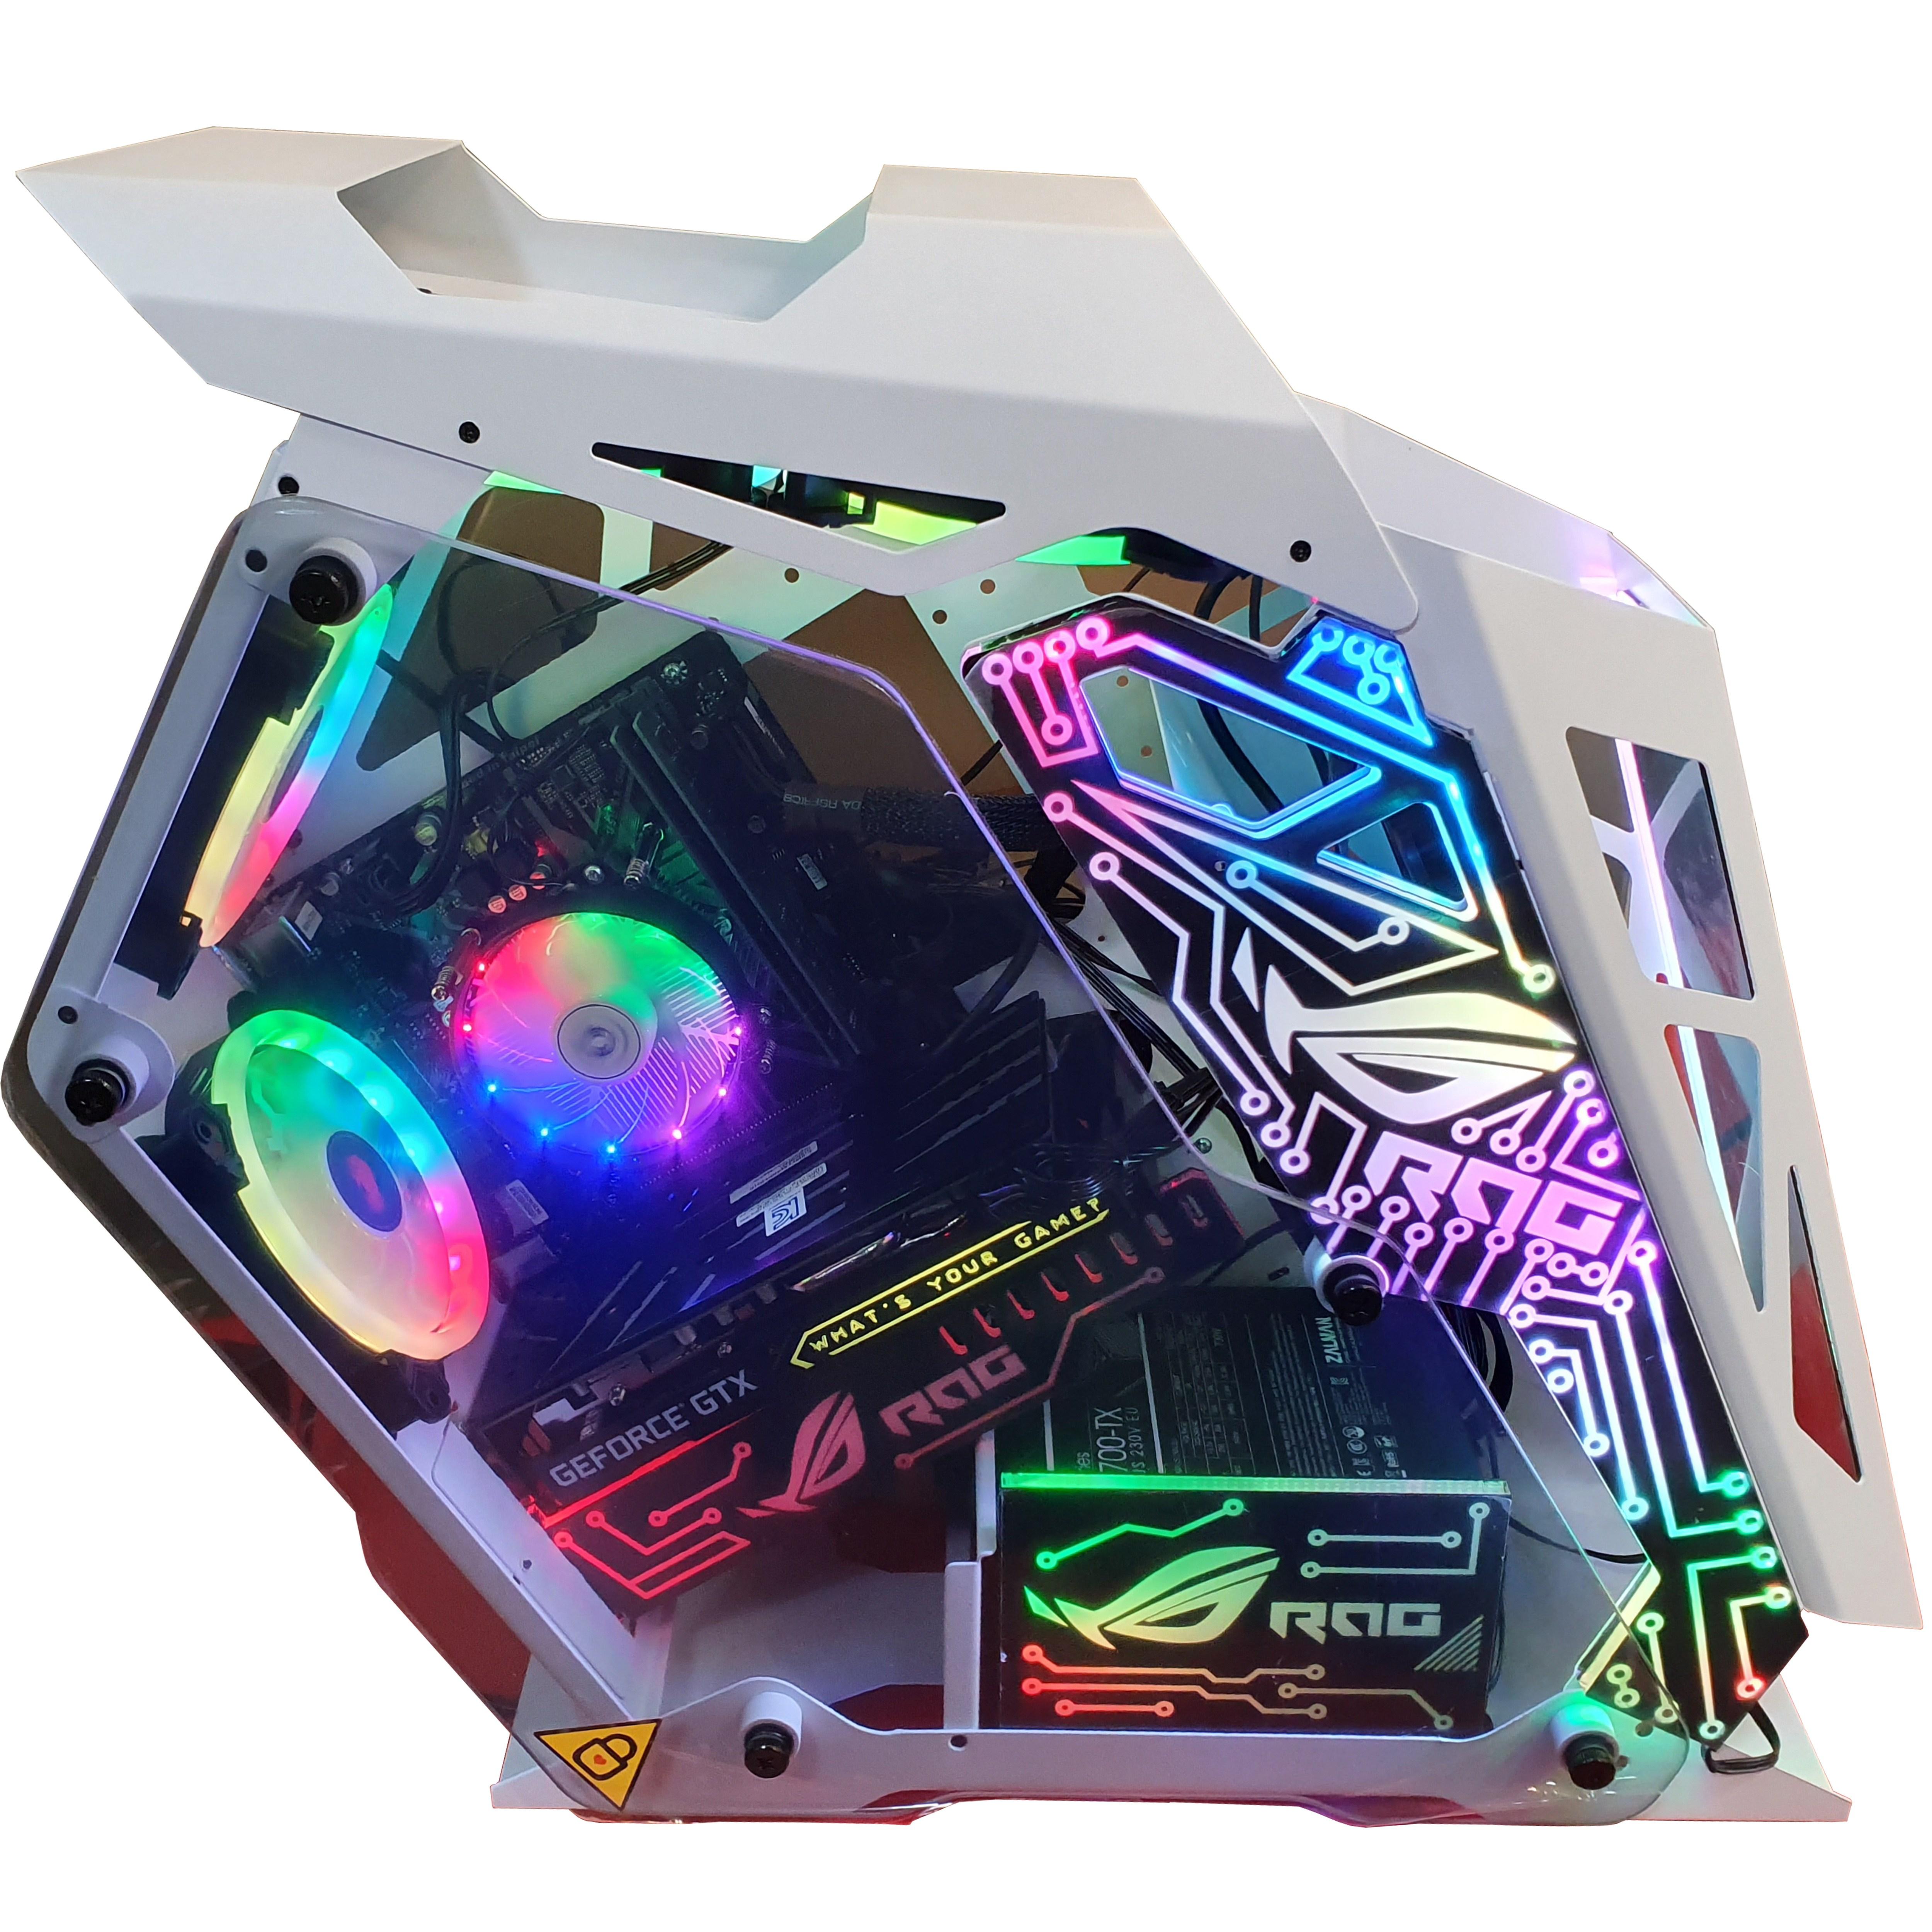 인싸컴 메탈유닛 LED 고사양 게임용pc 배틀그라운드 배그 오버워치 롤 배그컴퓨터, 기본, 화이트